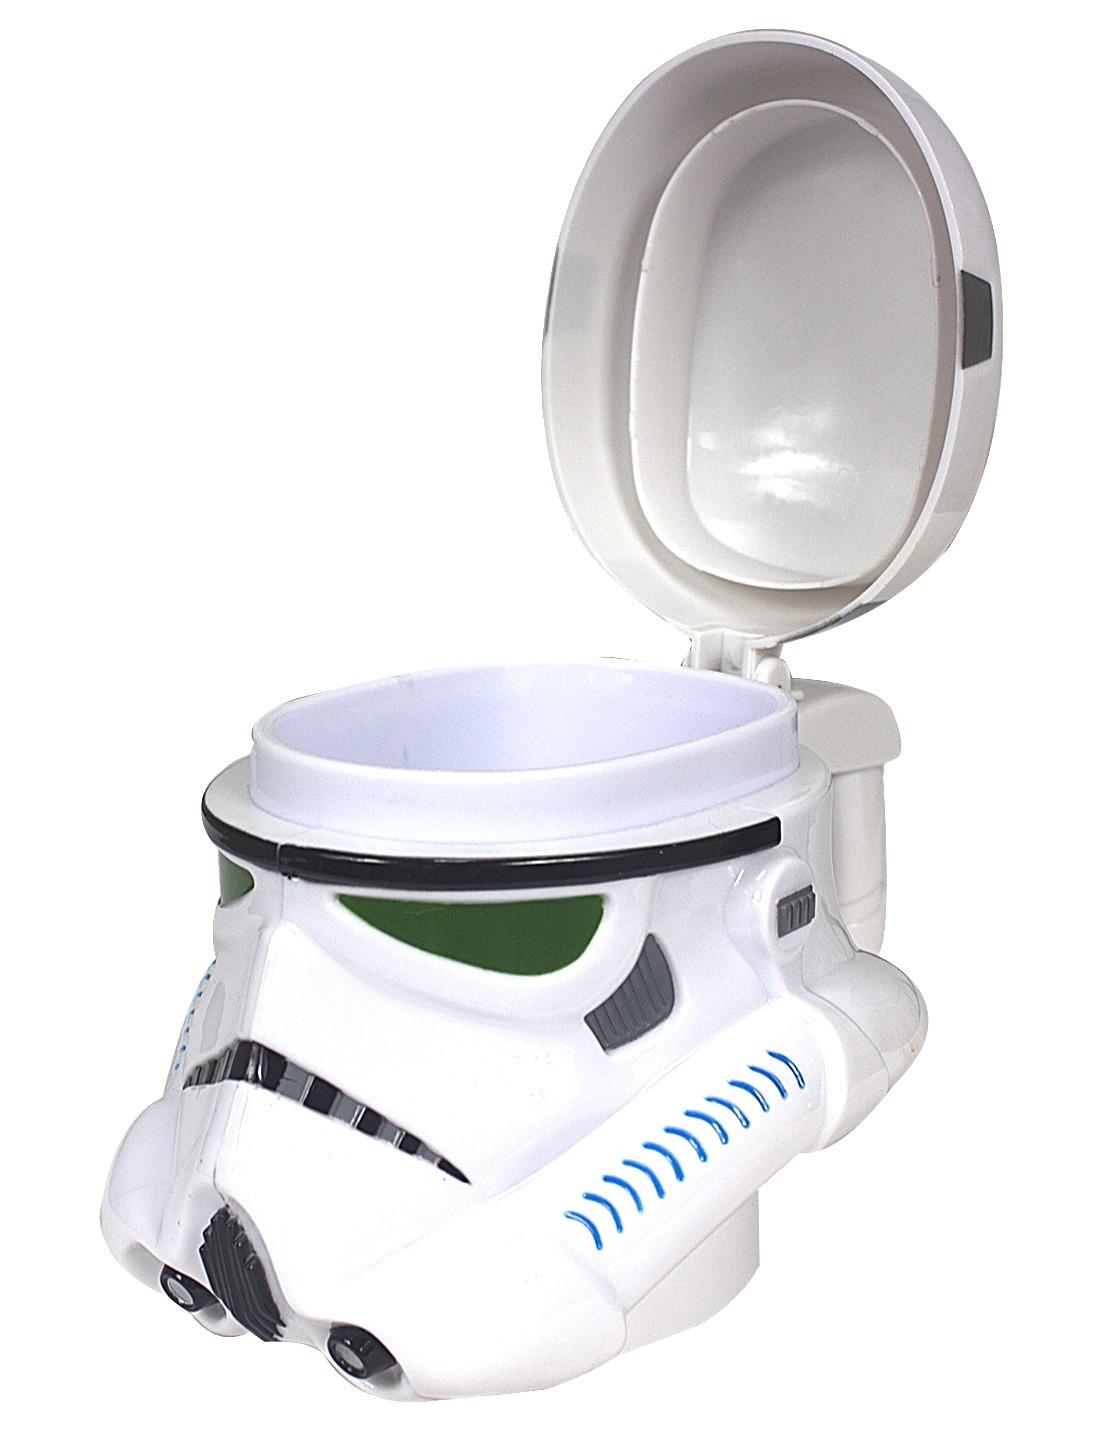 Canecas Divertidas Star Wars - Darth Vader e Storm Trooper